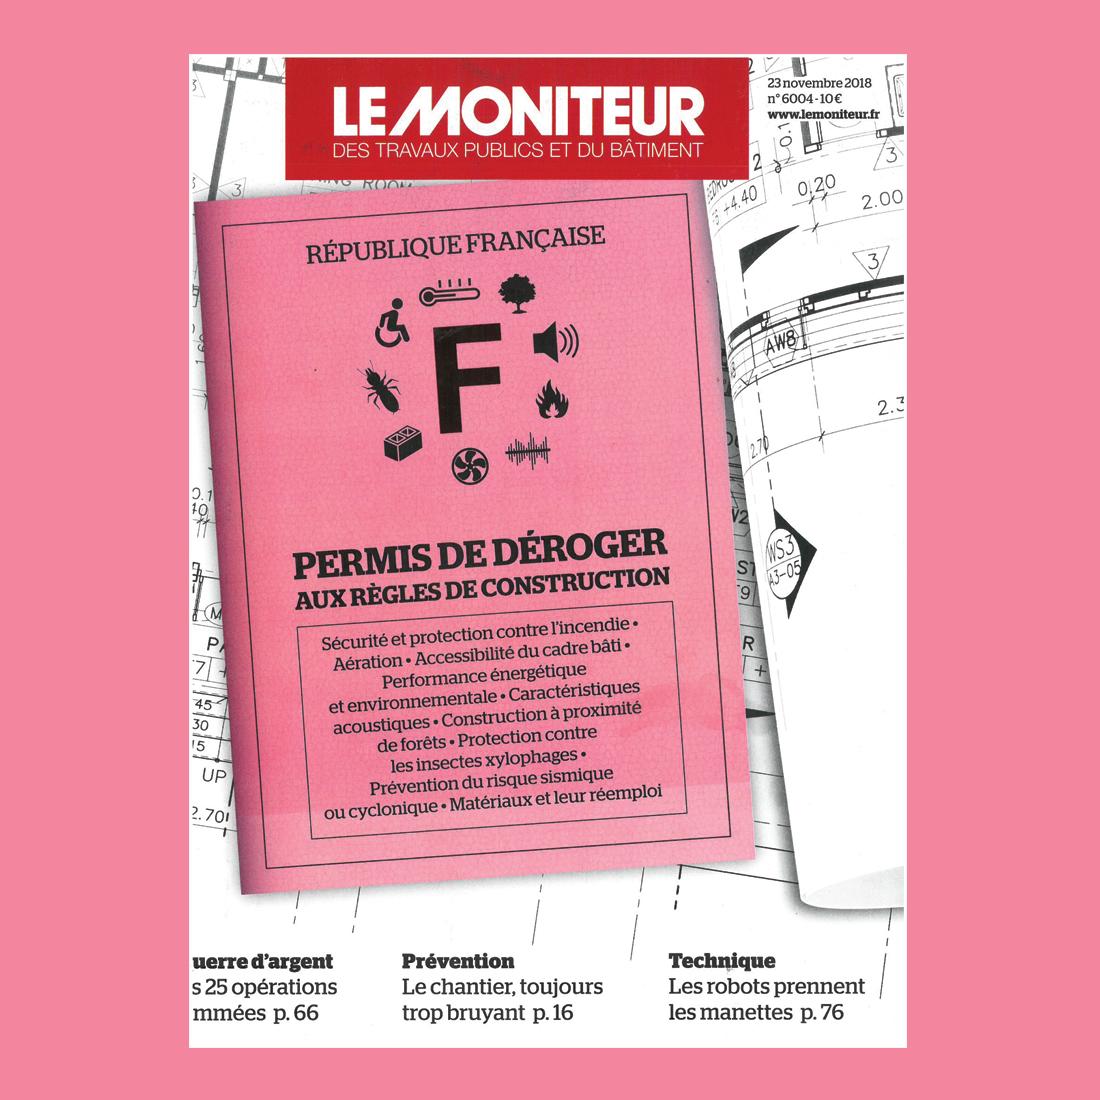 Le Moniteur N°6004 | Brenac & Gonzalez et Associés